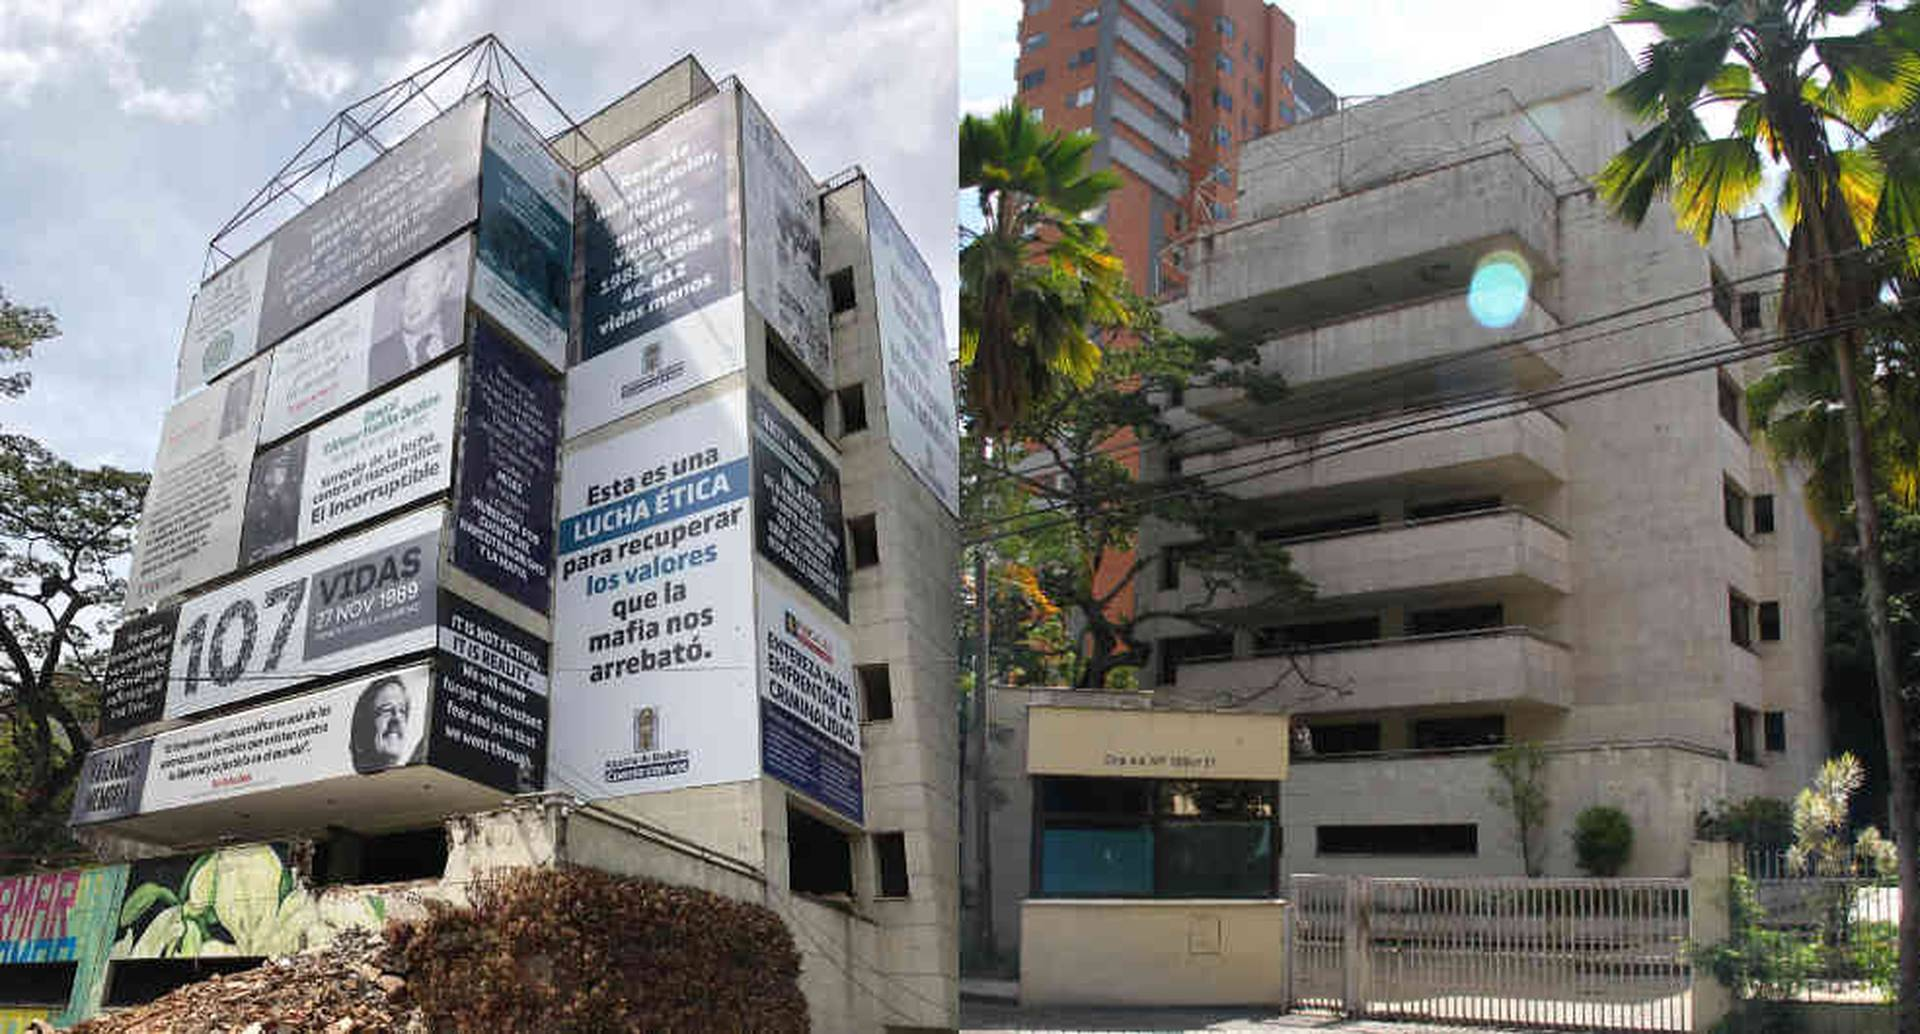 Izquierda: foto de como está el edificio en estos momentos. Derecha: la propiedad en septiembre de 2015.